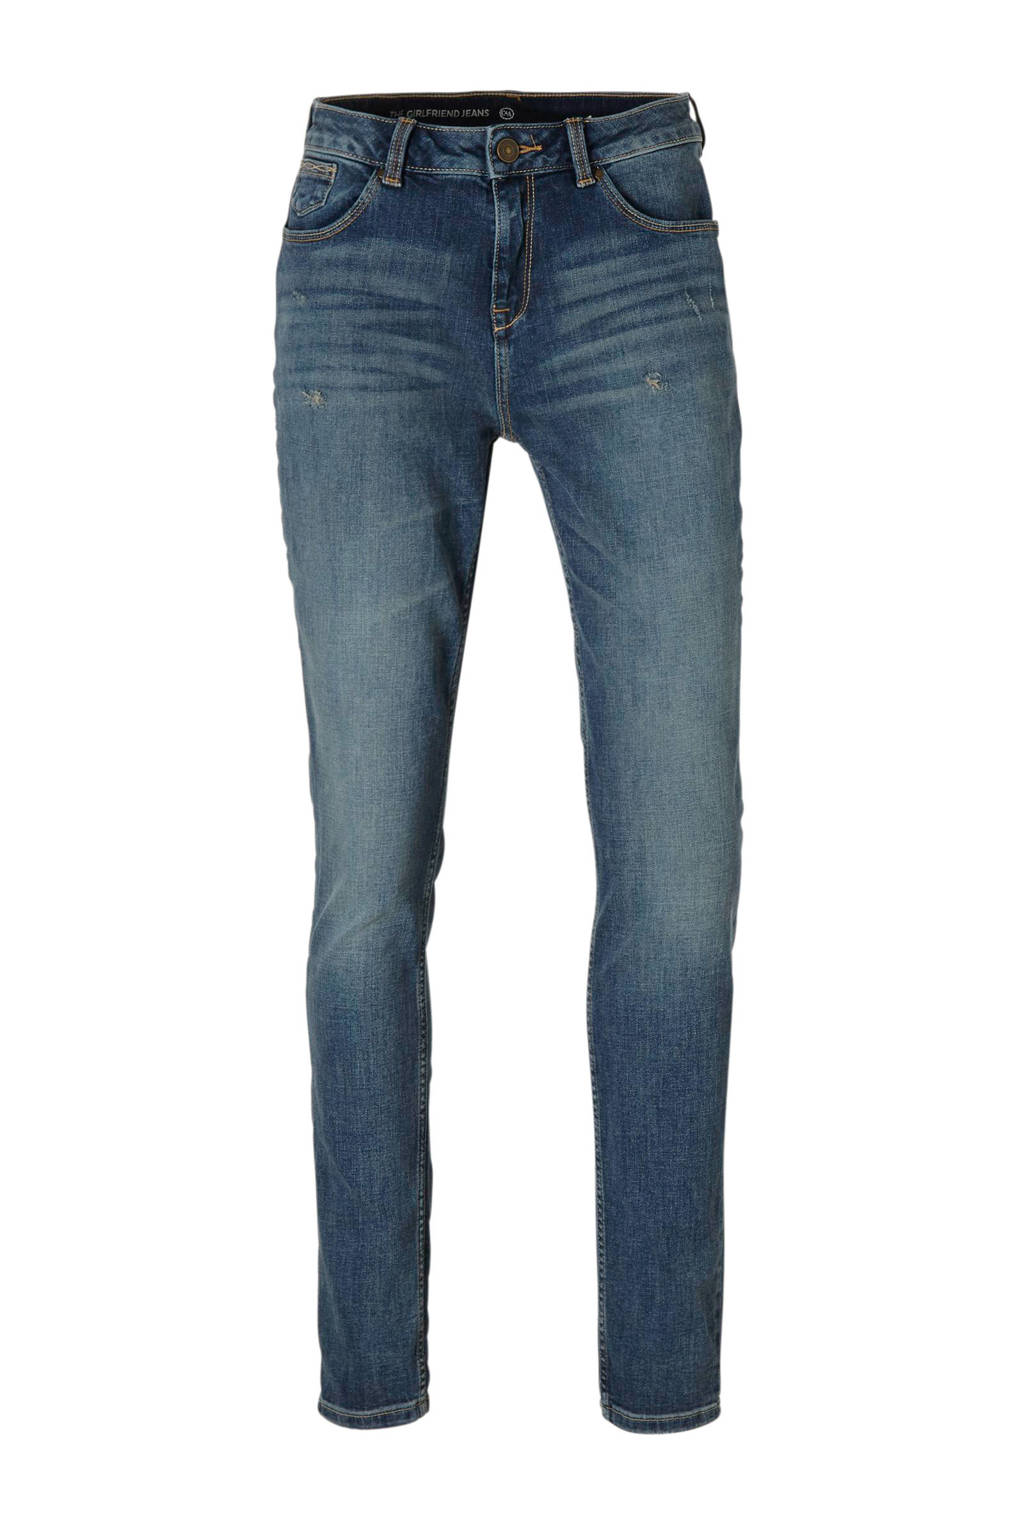 C&A The Denim girlfriend jeans met slijtage details, Stonewashed